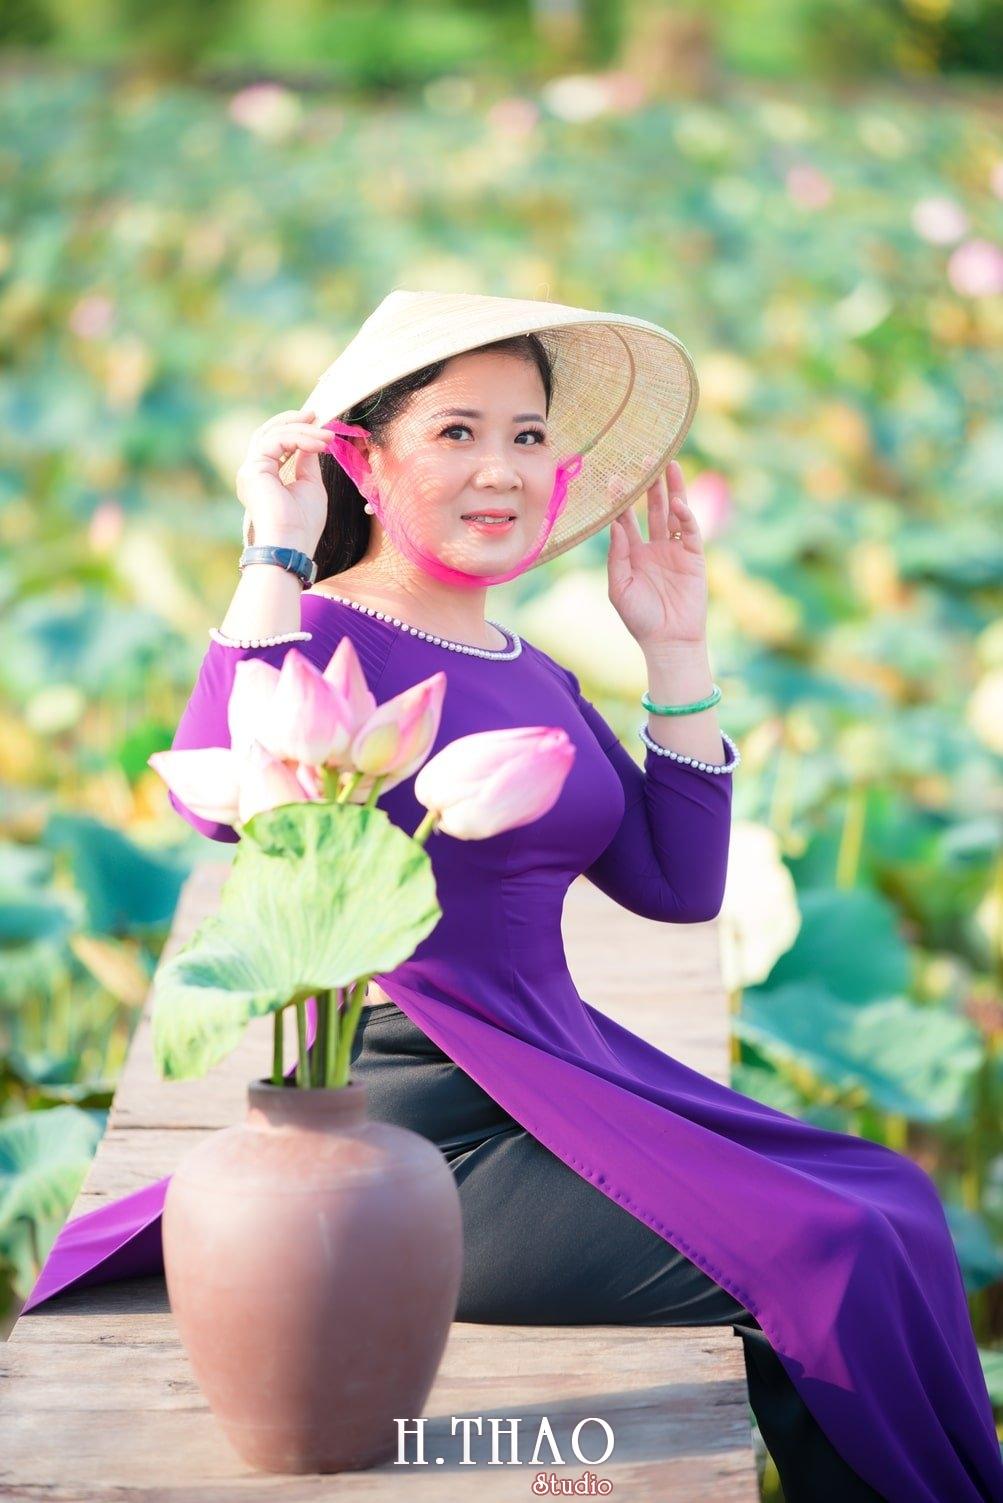 Anh Hoa sen tam da 30 - Bộ ảnh hoa sen với áo dài tím đẹp dễ thương - HThao Studio